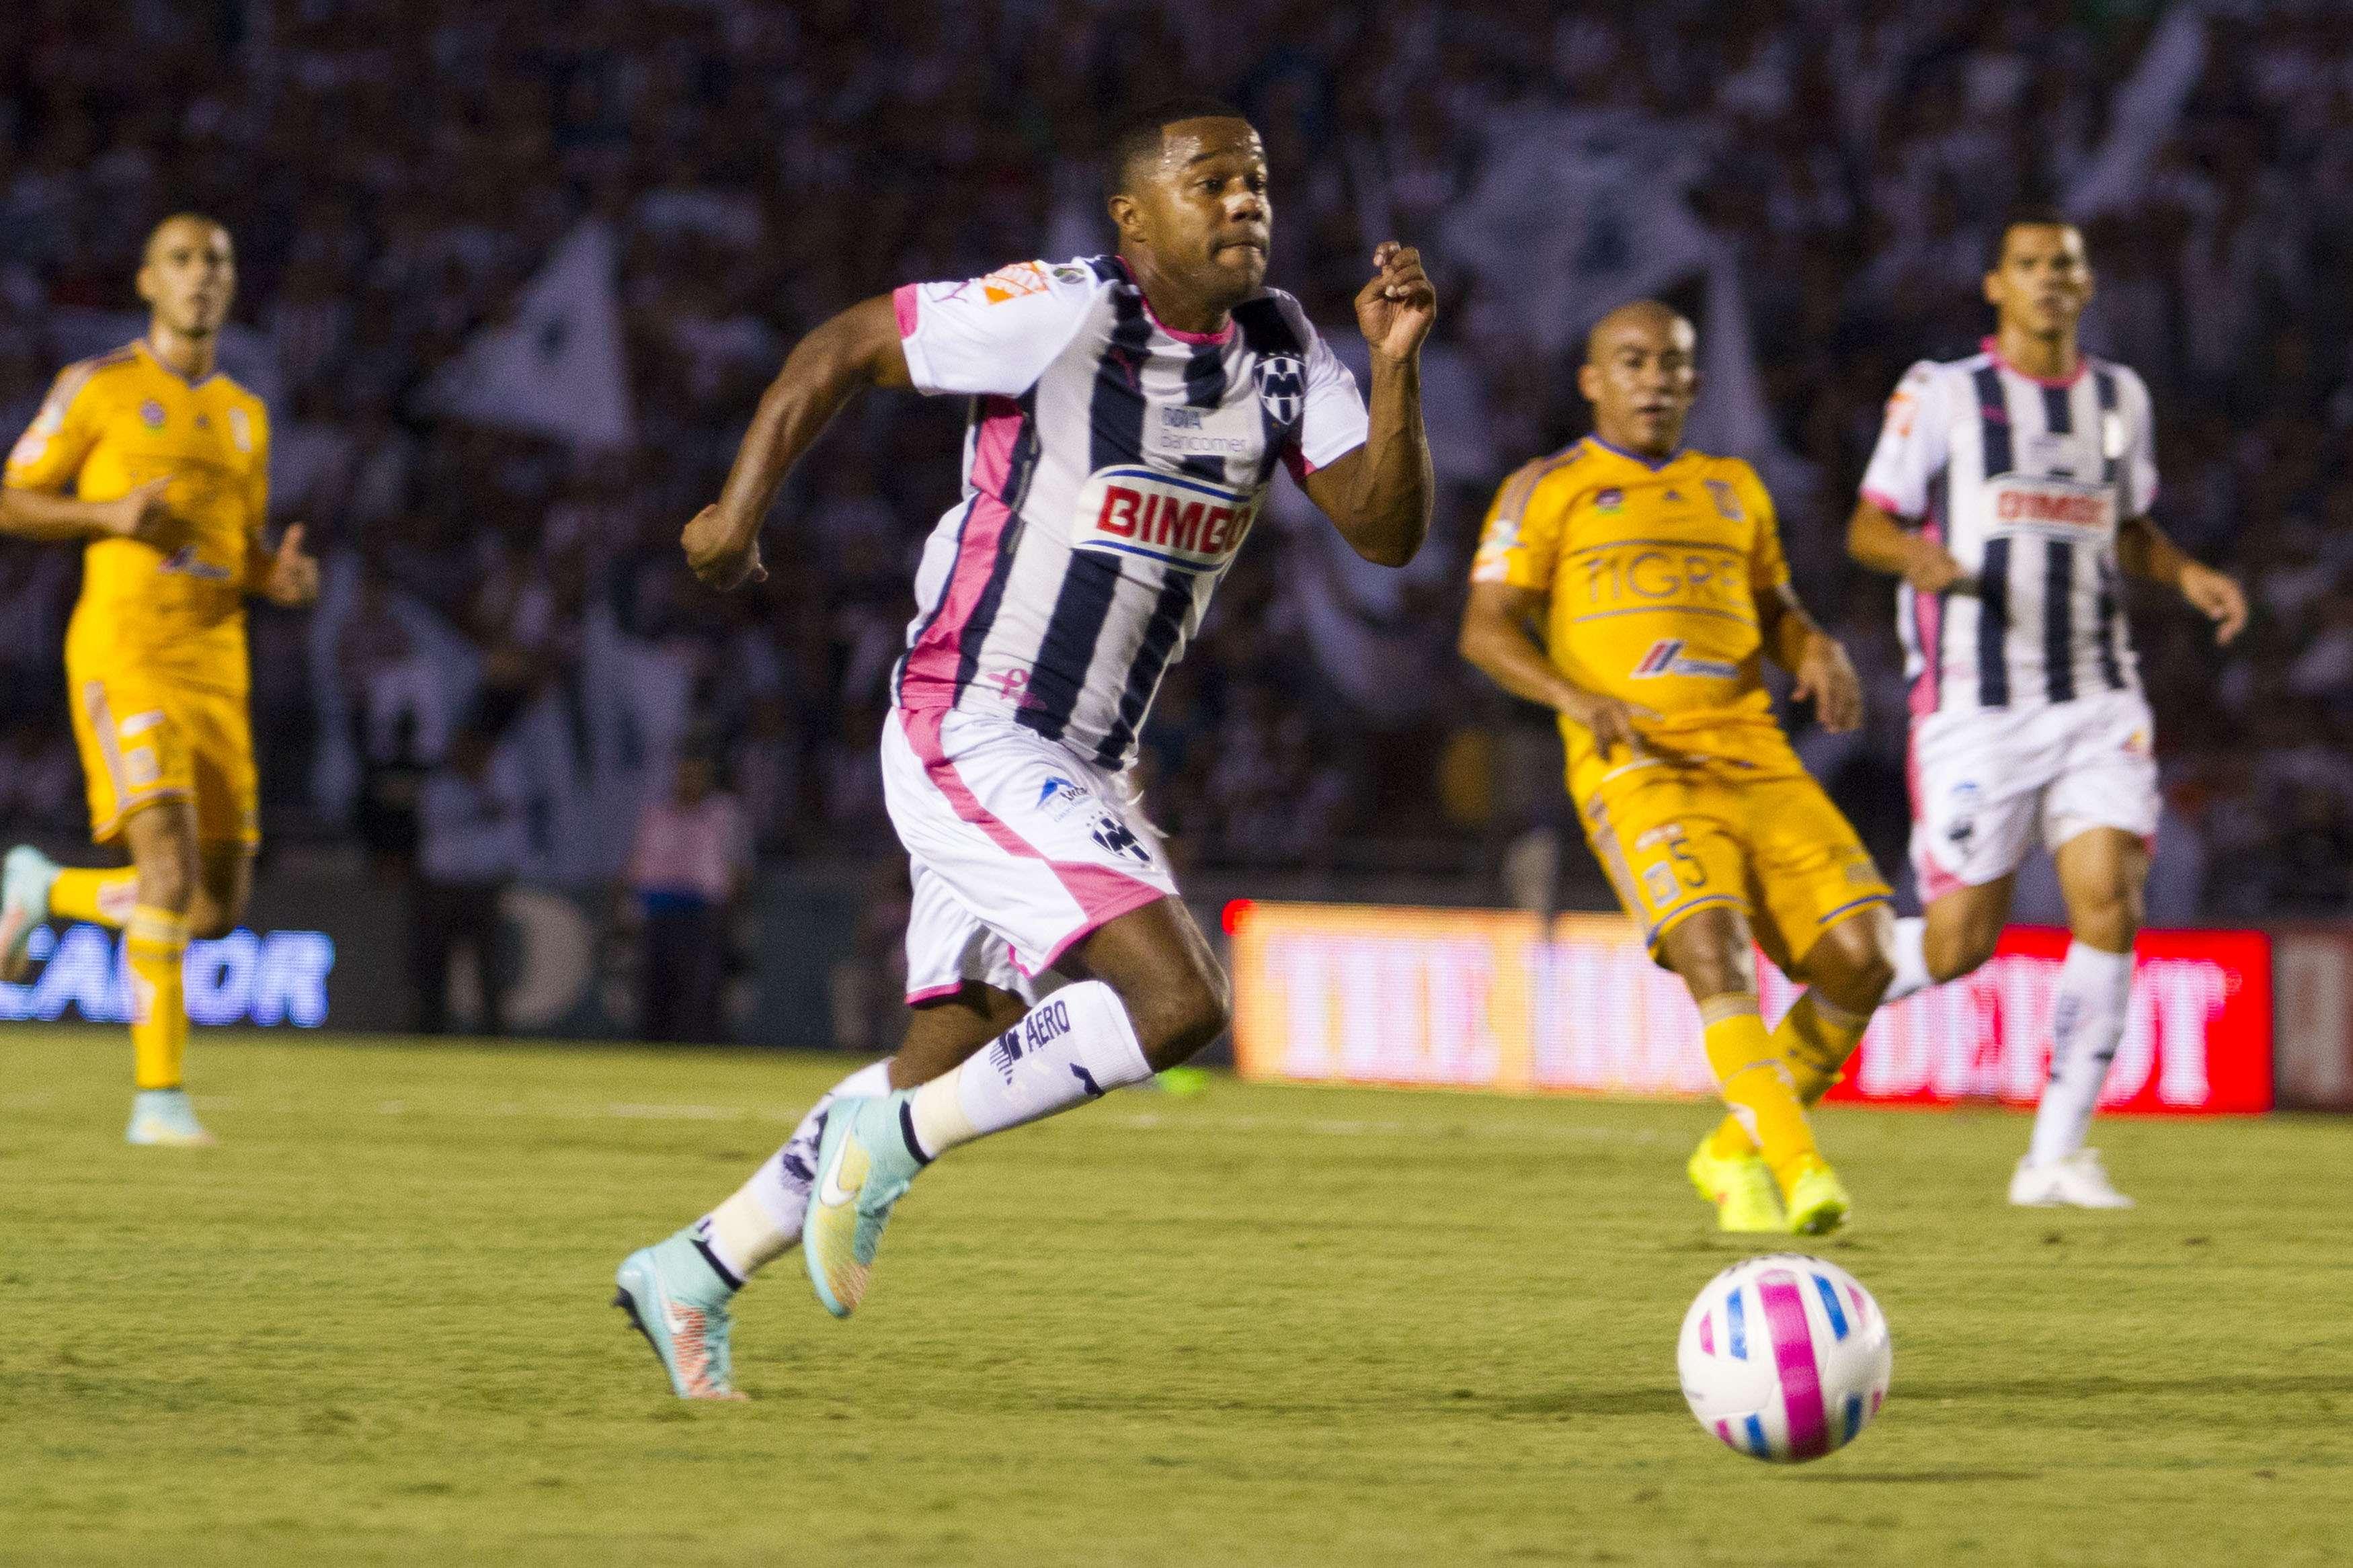 Con goles de Joffre Guerrón y Hérculez Gómez, Tigres vence 2-1 a Rayados en el clásico Regio, por Monterrey descontó Jesús Zavala. Foto: Mexsport